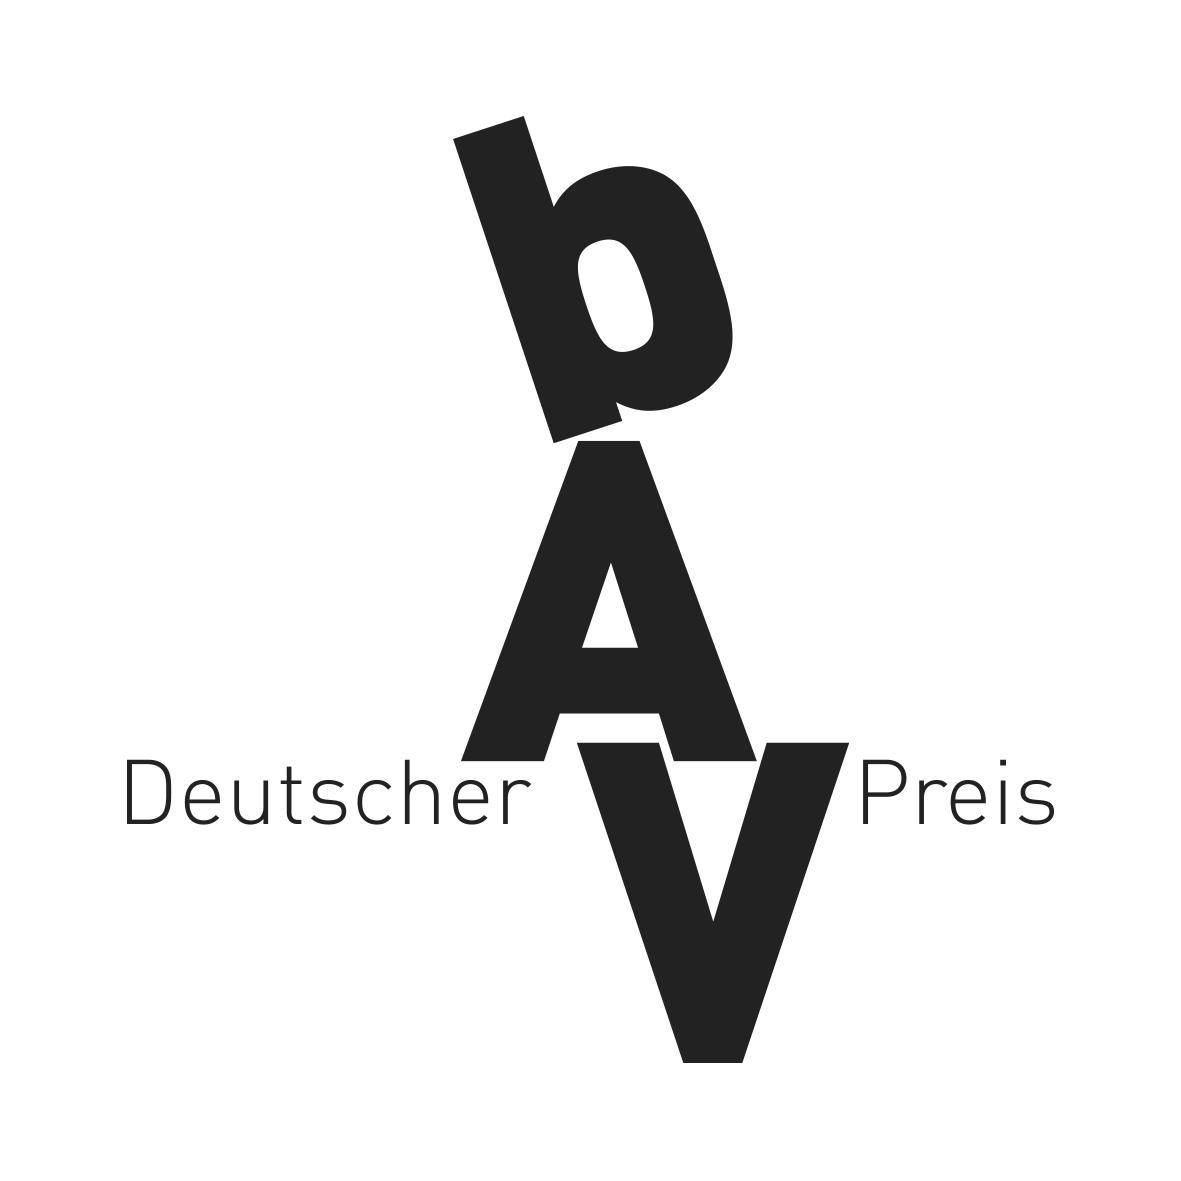 Deutscher bAV-Presi 2015 16 Logo-Dt_bAV_Preis-SW_300DPI